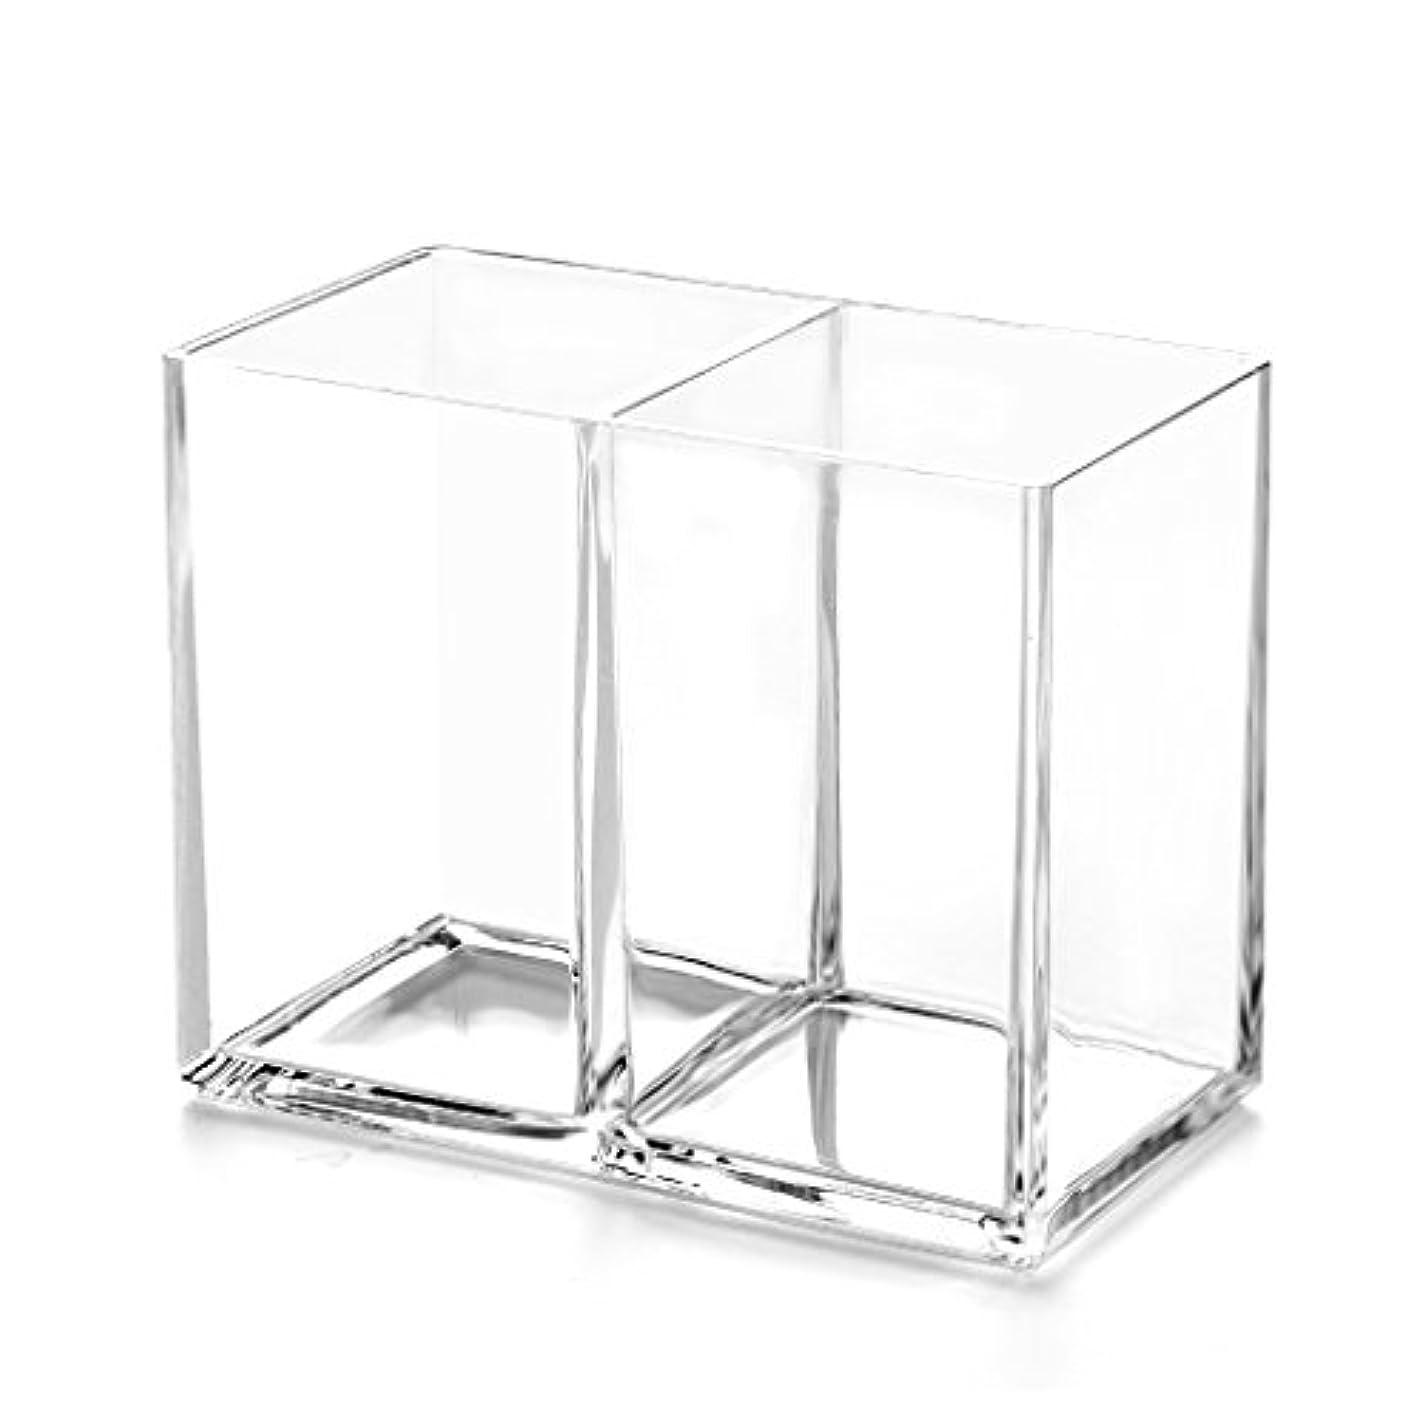 節約する市区町村窒素RiLiKu アクリルメイクブラシ収納ボックス 2段透明ペン立て 卓上文房具収納ボックス